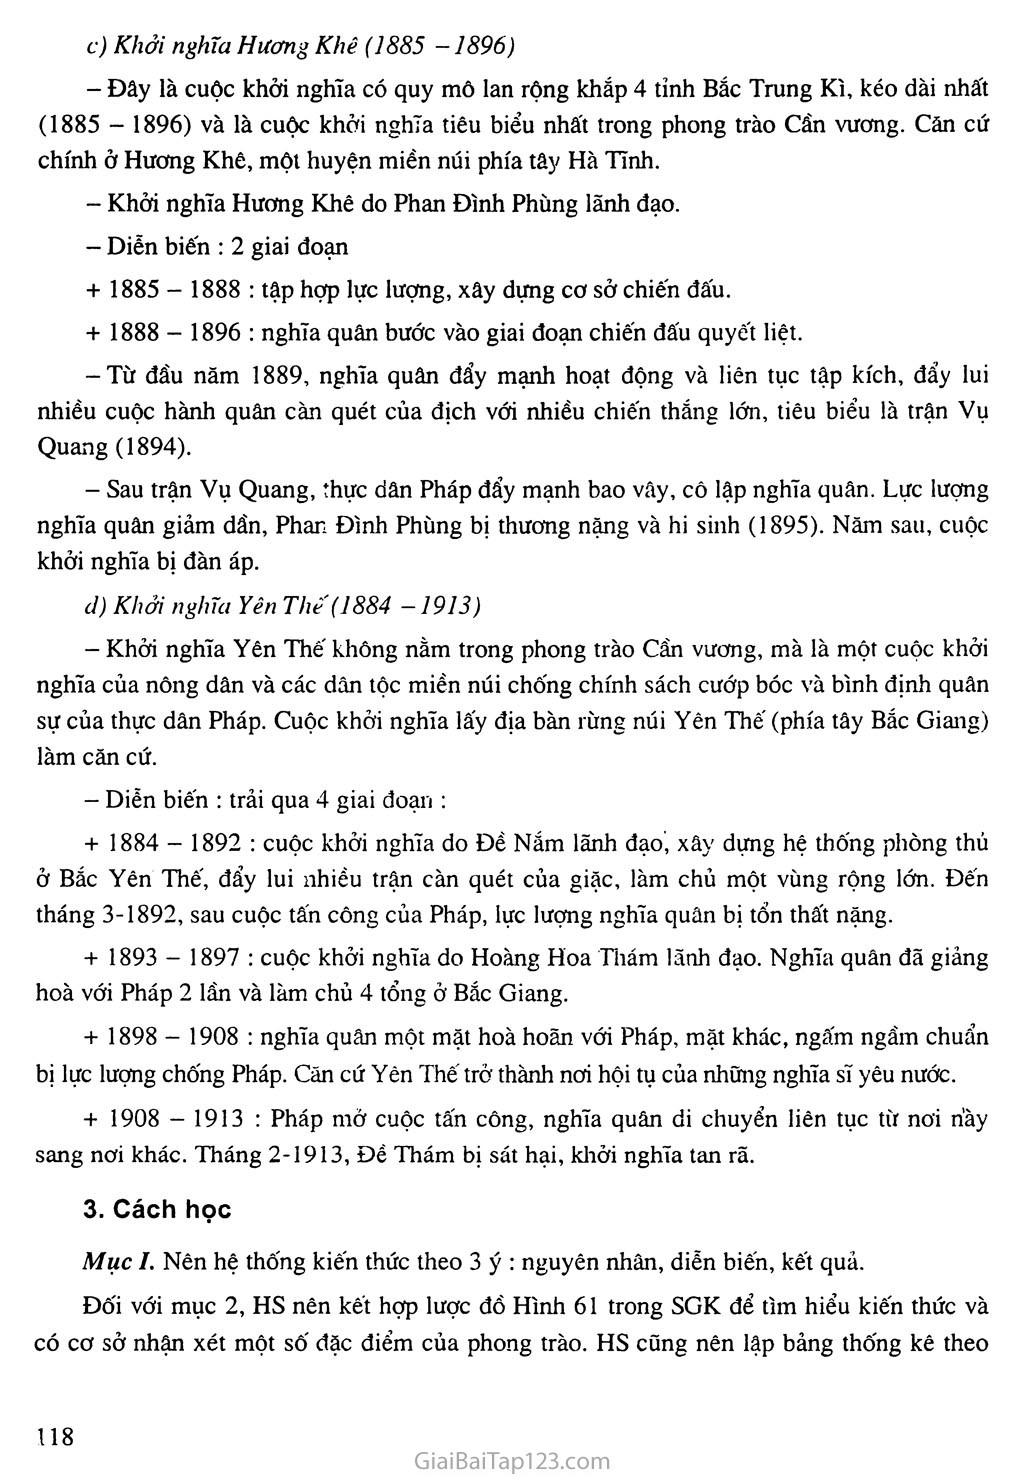 Bài 21: Phong trào yêu nước, chống thực dân Pháp của nhân dân Việt Nam trong những năm cuối thế XIX trang 3